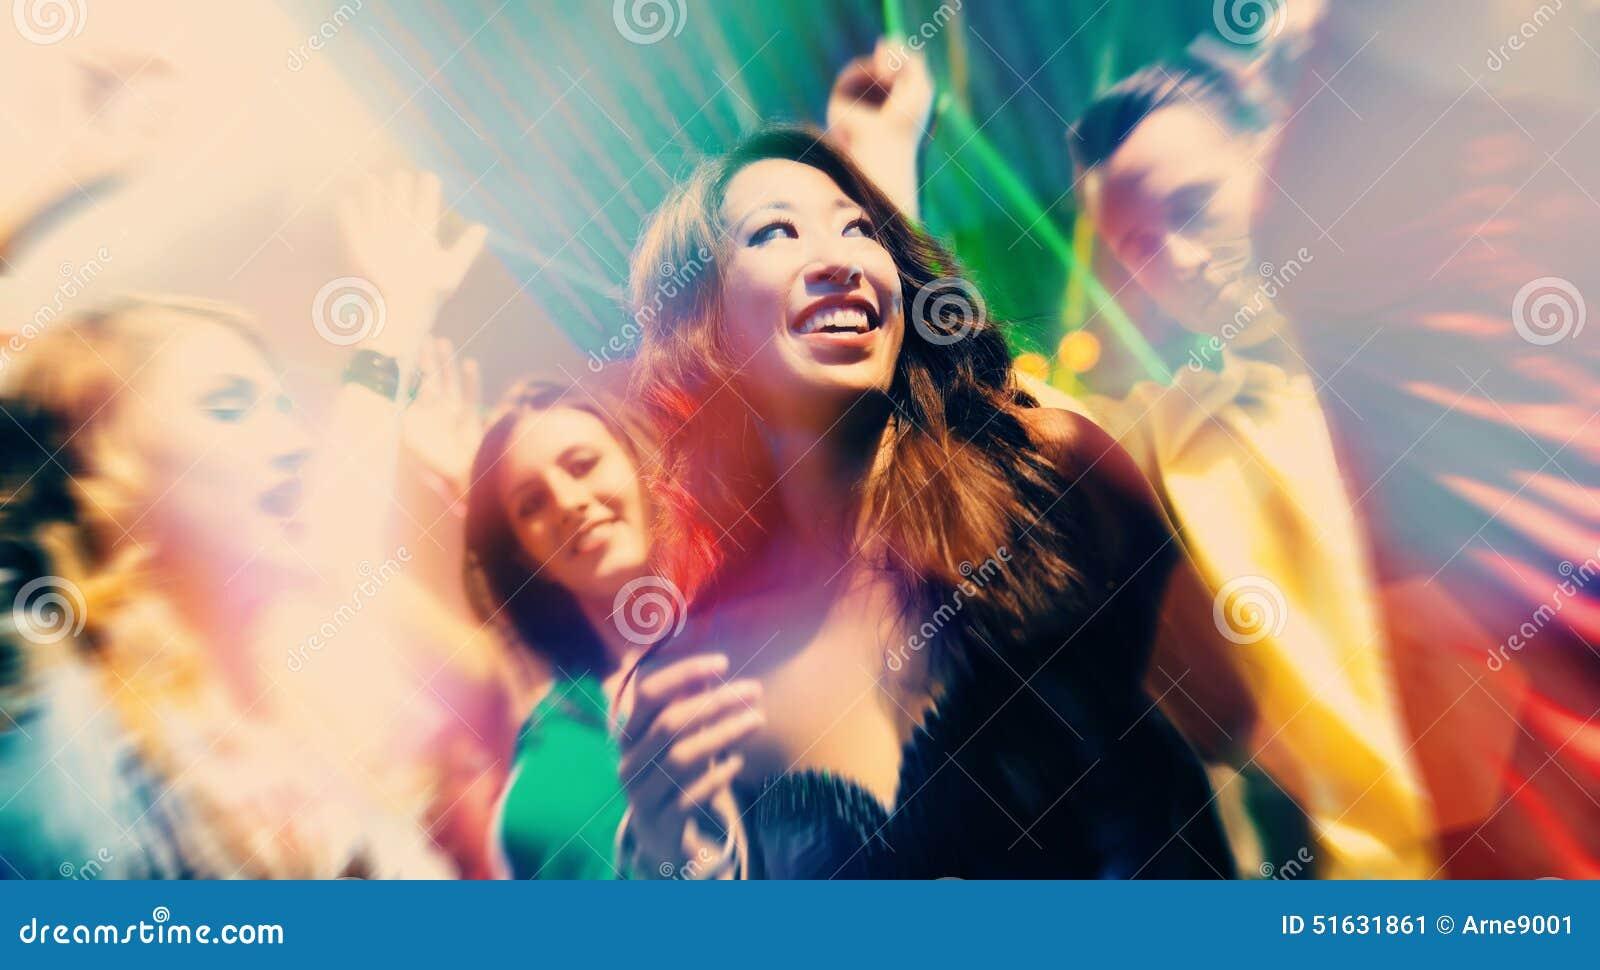 Folk för deltagare för klubbadansdisko